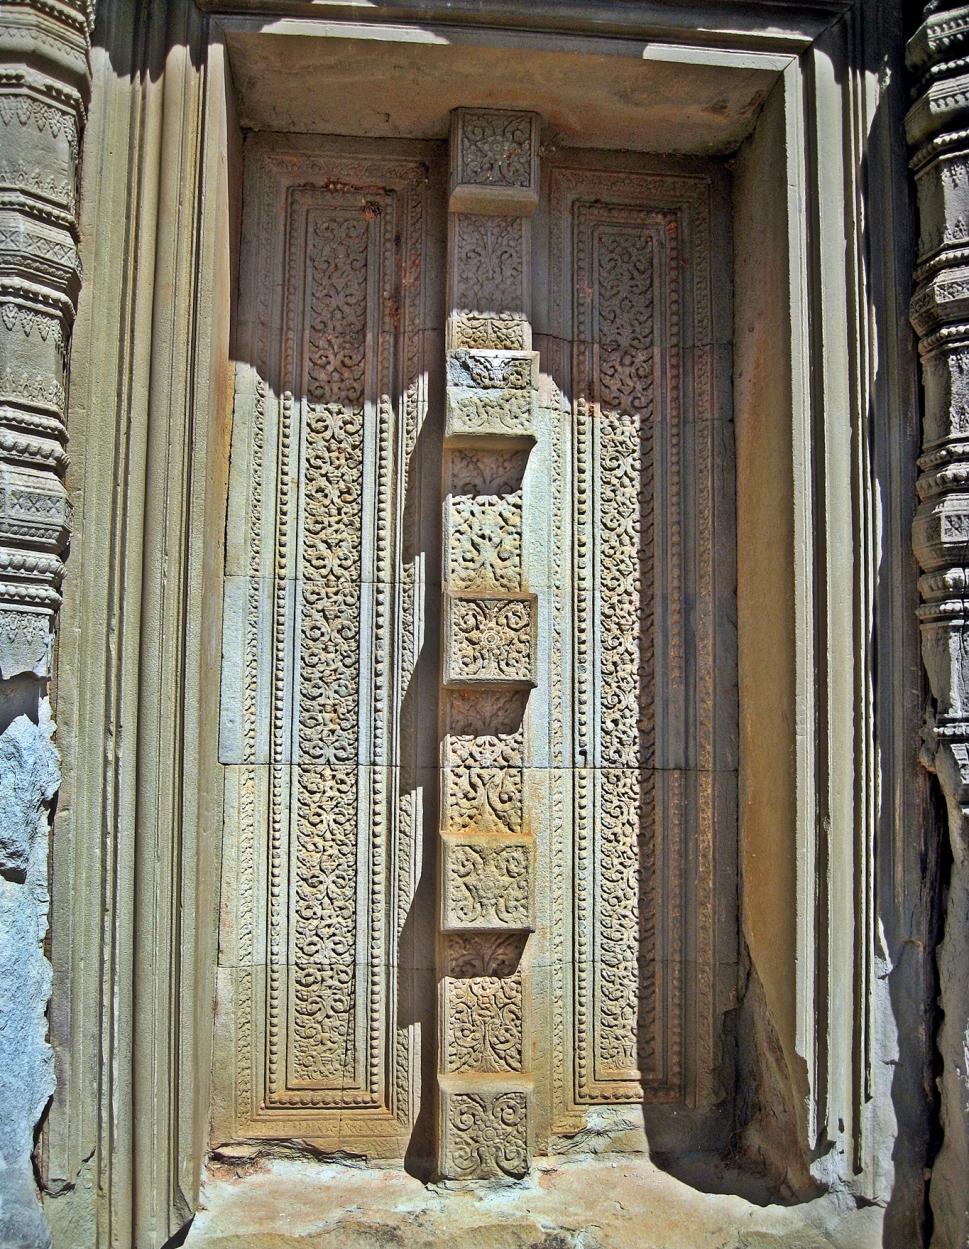 Doorway in Angkor Wat